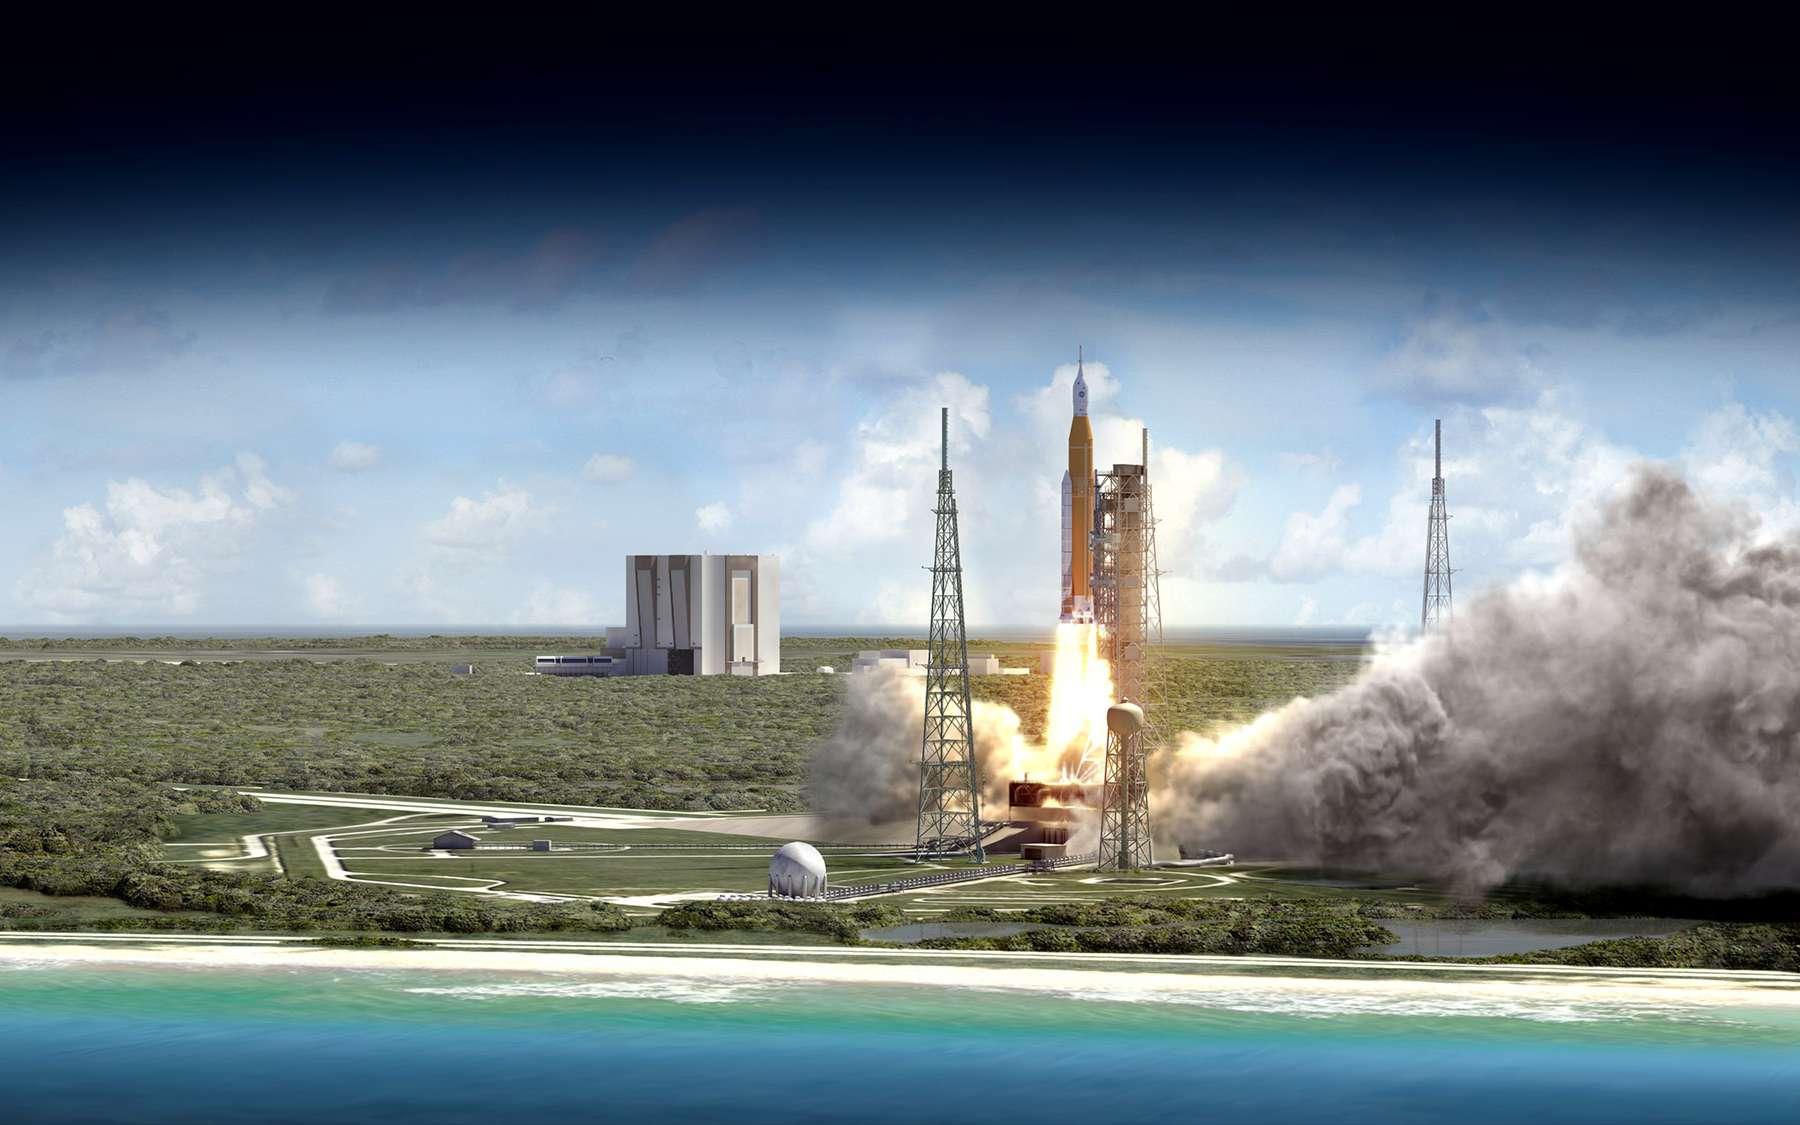 Le vaisseau spatial Orion enverra des Hommes dans l'espace en 2023. Dans sa version de base, le Space Launch System, avec ses deux étages, aura une capacité de lancement de 70 tonnes en orbite basse. Avec l'utilisation d'un troisième étage (Exploration Upper Stage), cette capacité sera portée à 105 tonnes, et à 143 tonnes avec l'utilisation de boosters plus puissants. © Nasa